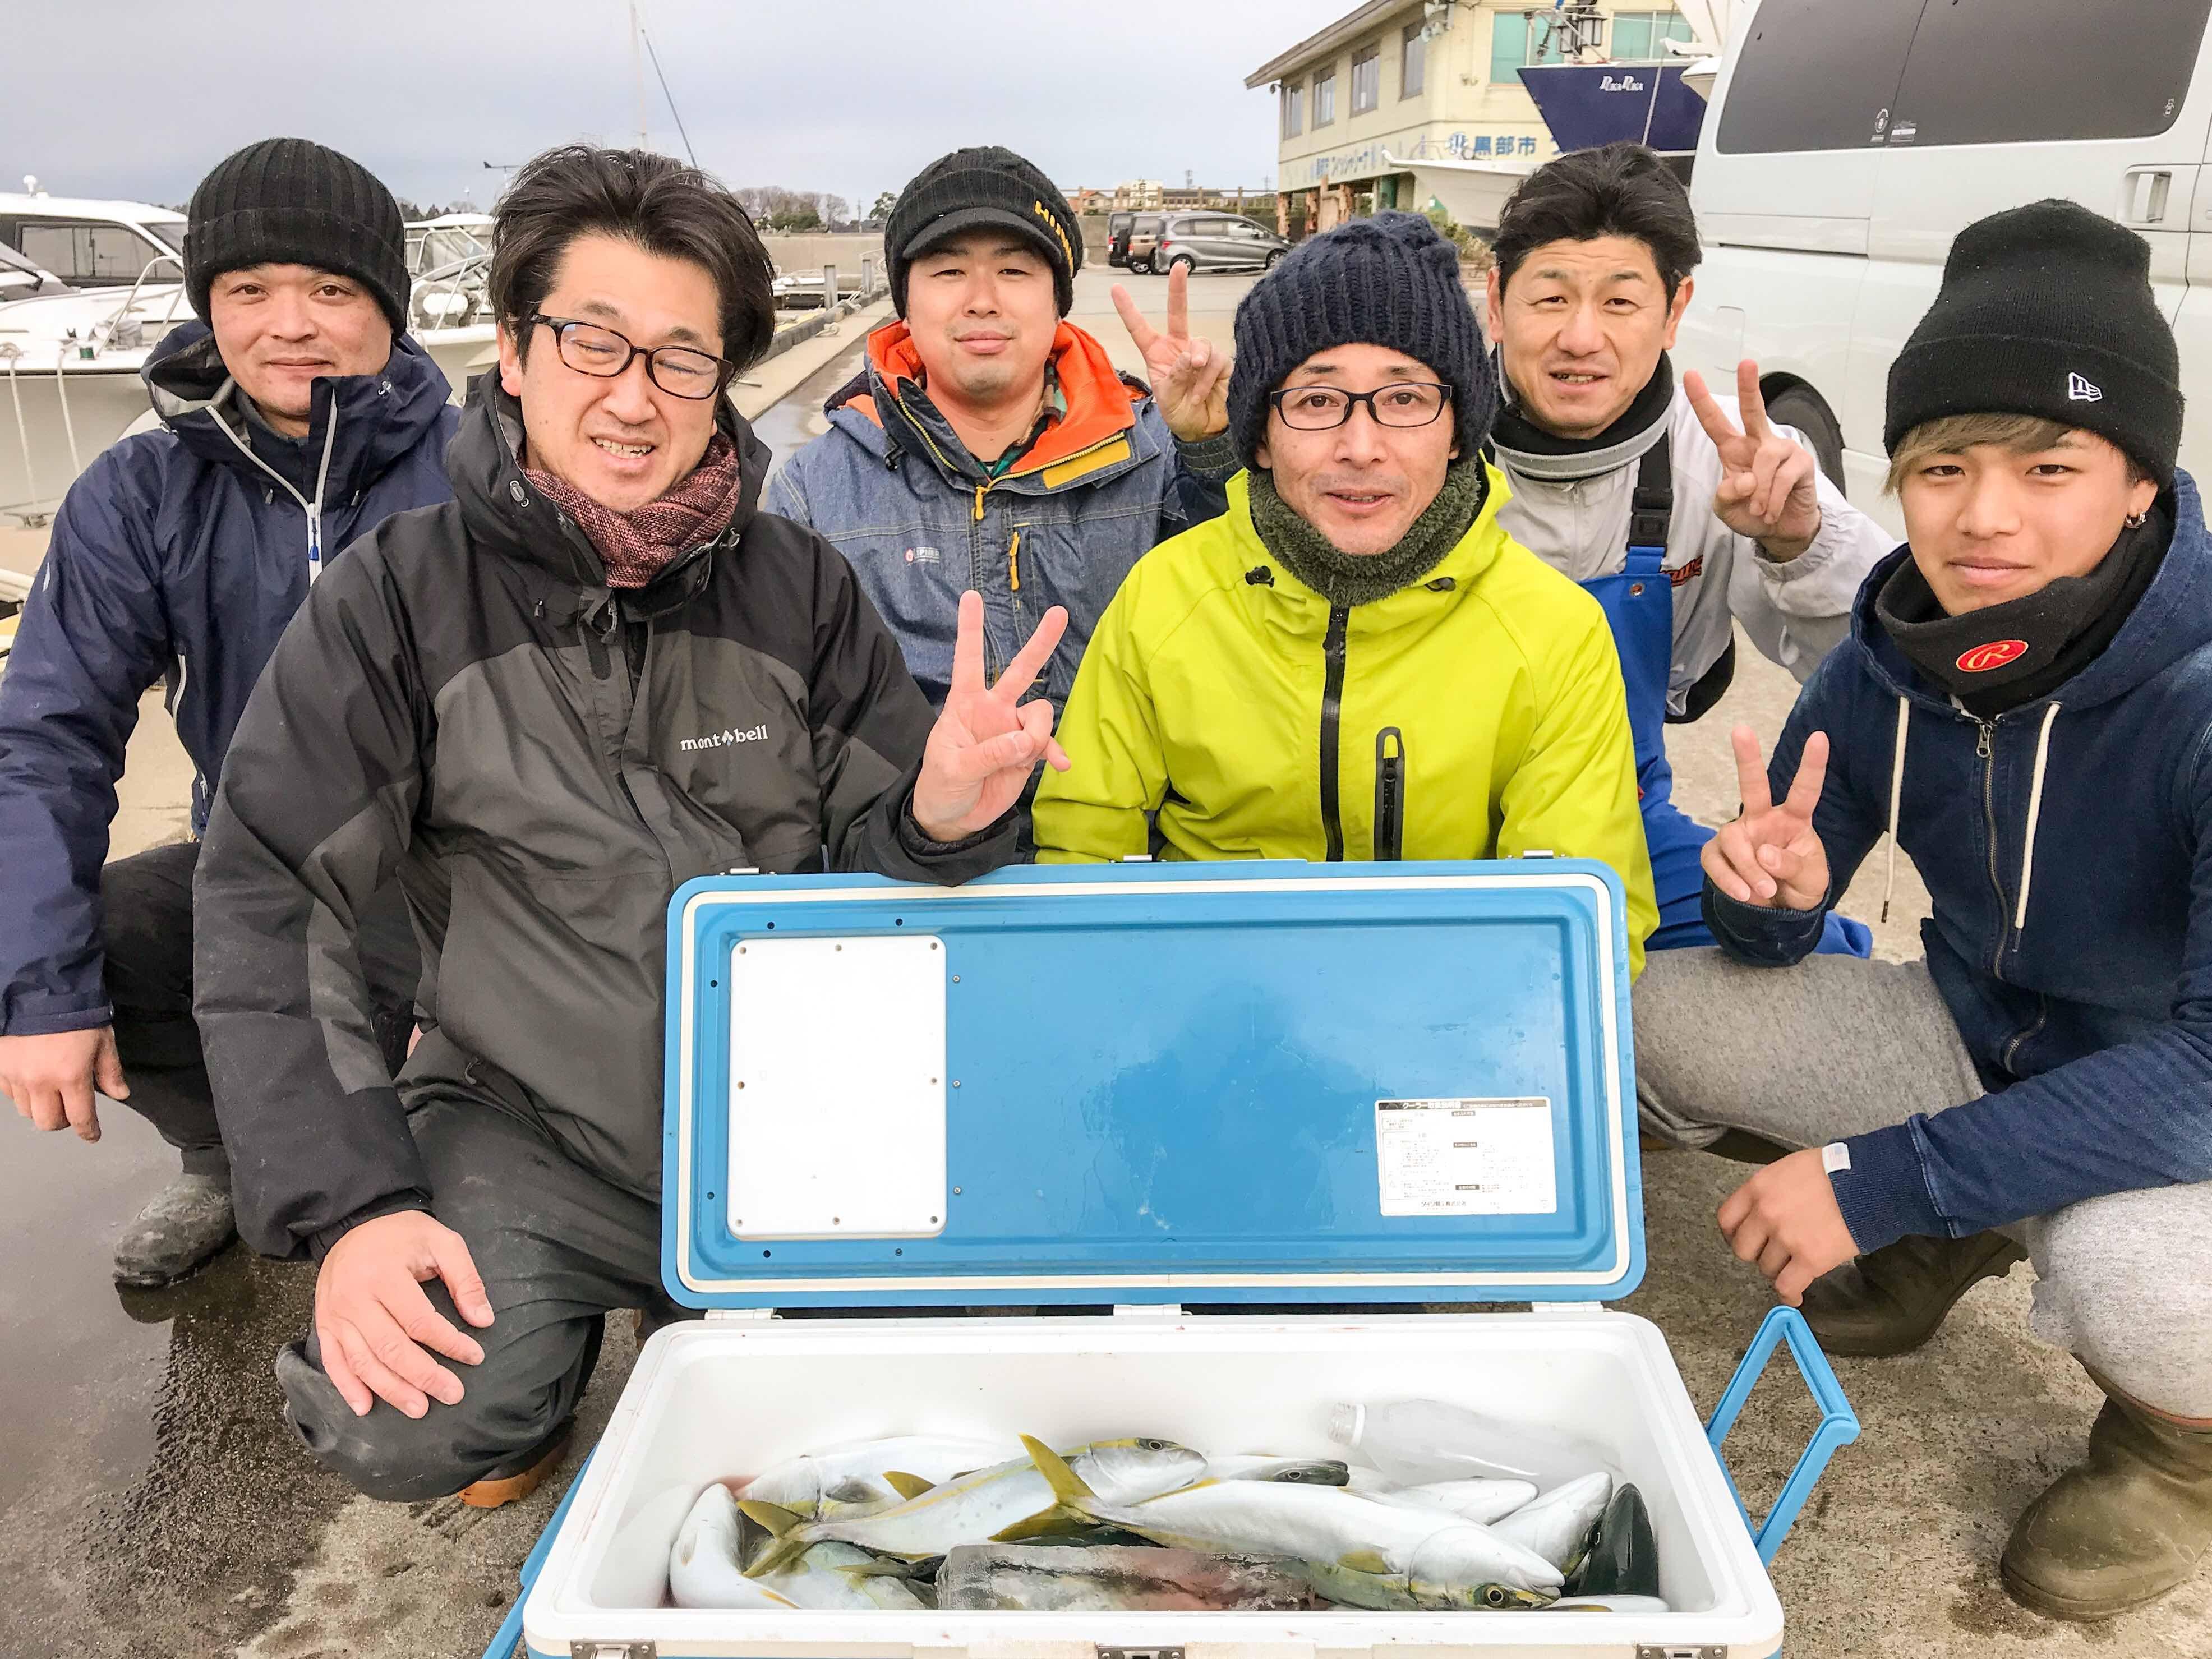 オスカー釣り部、寒ブリ釣行チャレンジへの画像